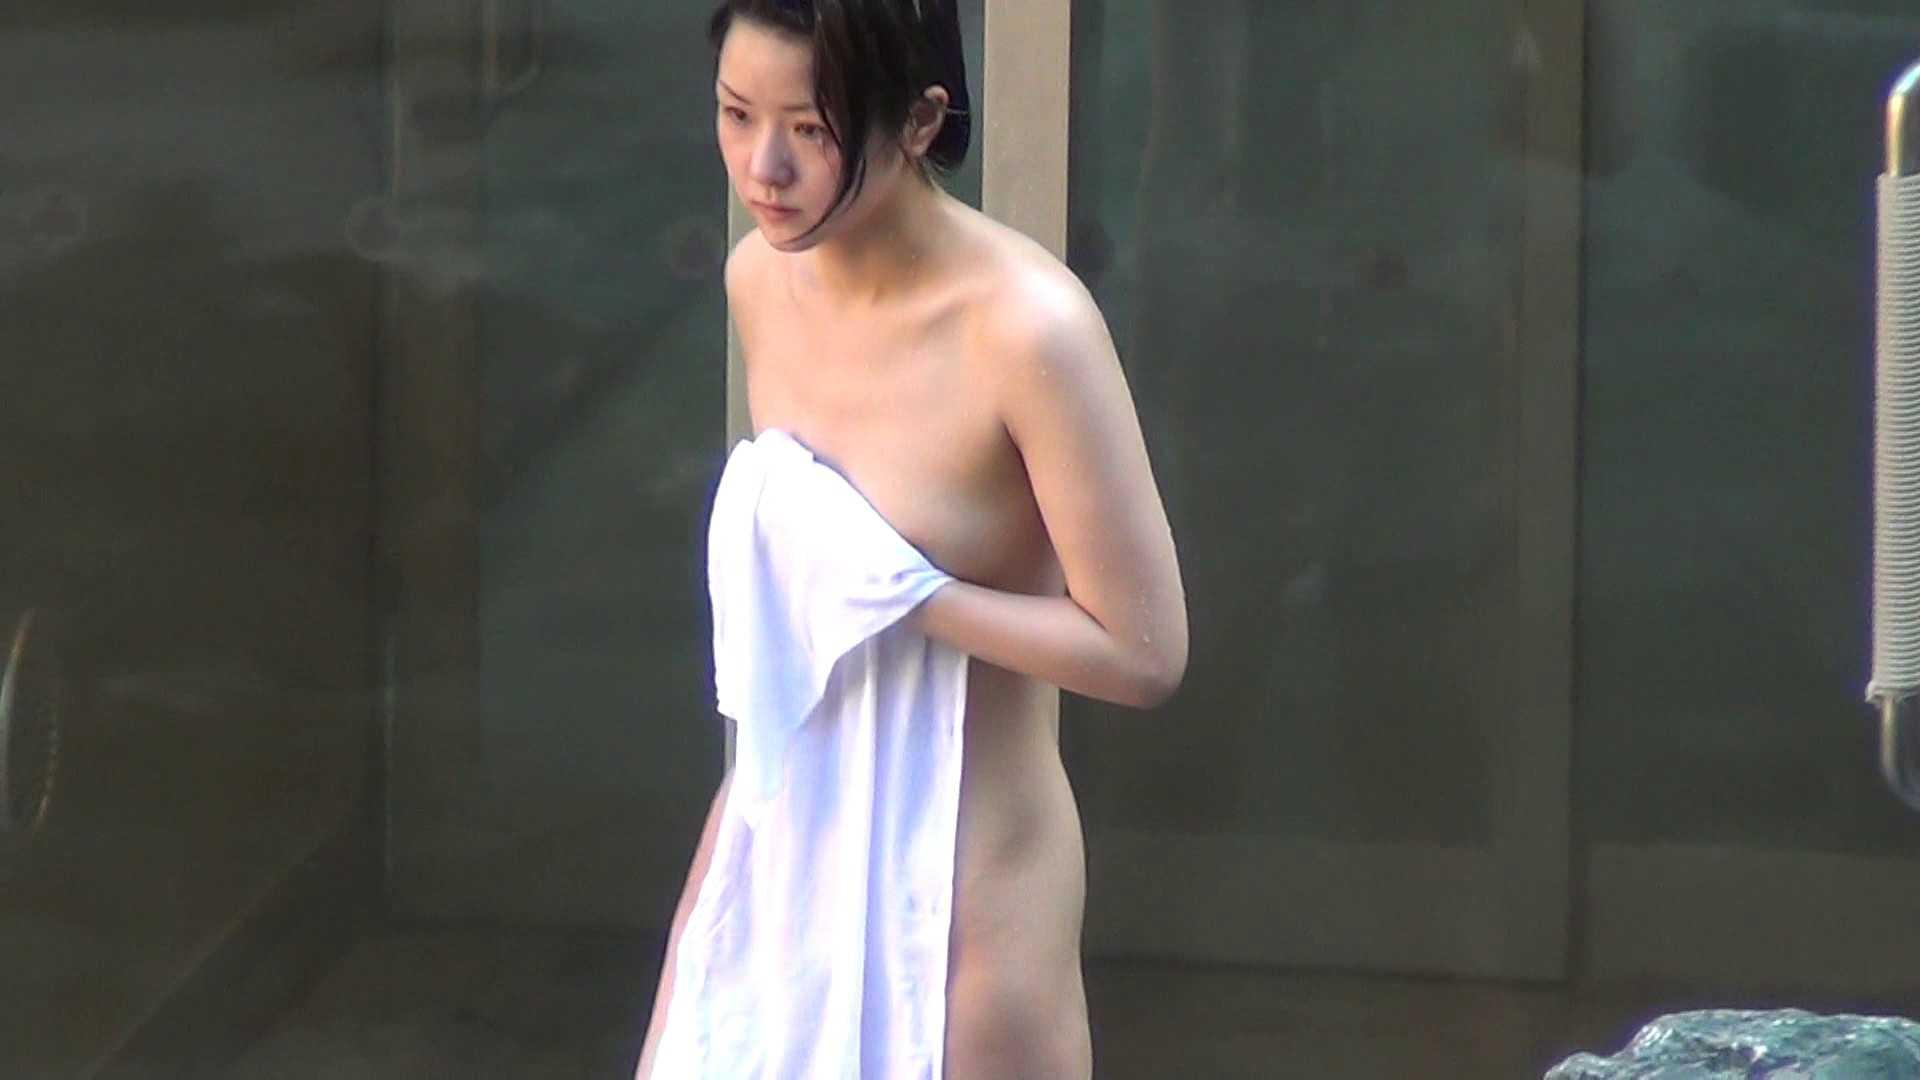 ハイビジョンVol.6 白い素肌にピンクのほっぺ 美女 おめこ無修正動画無料 82画像 28